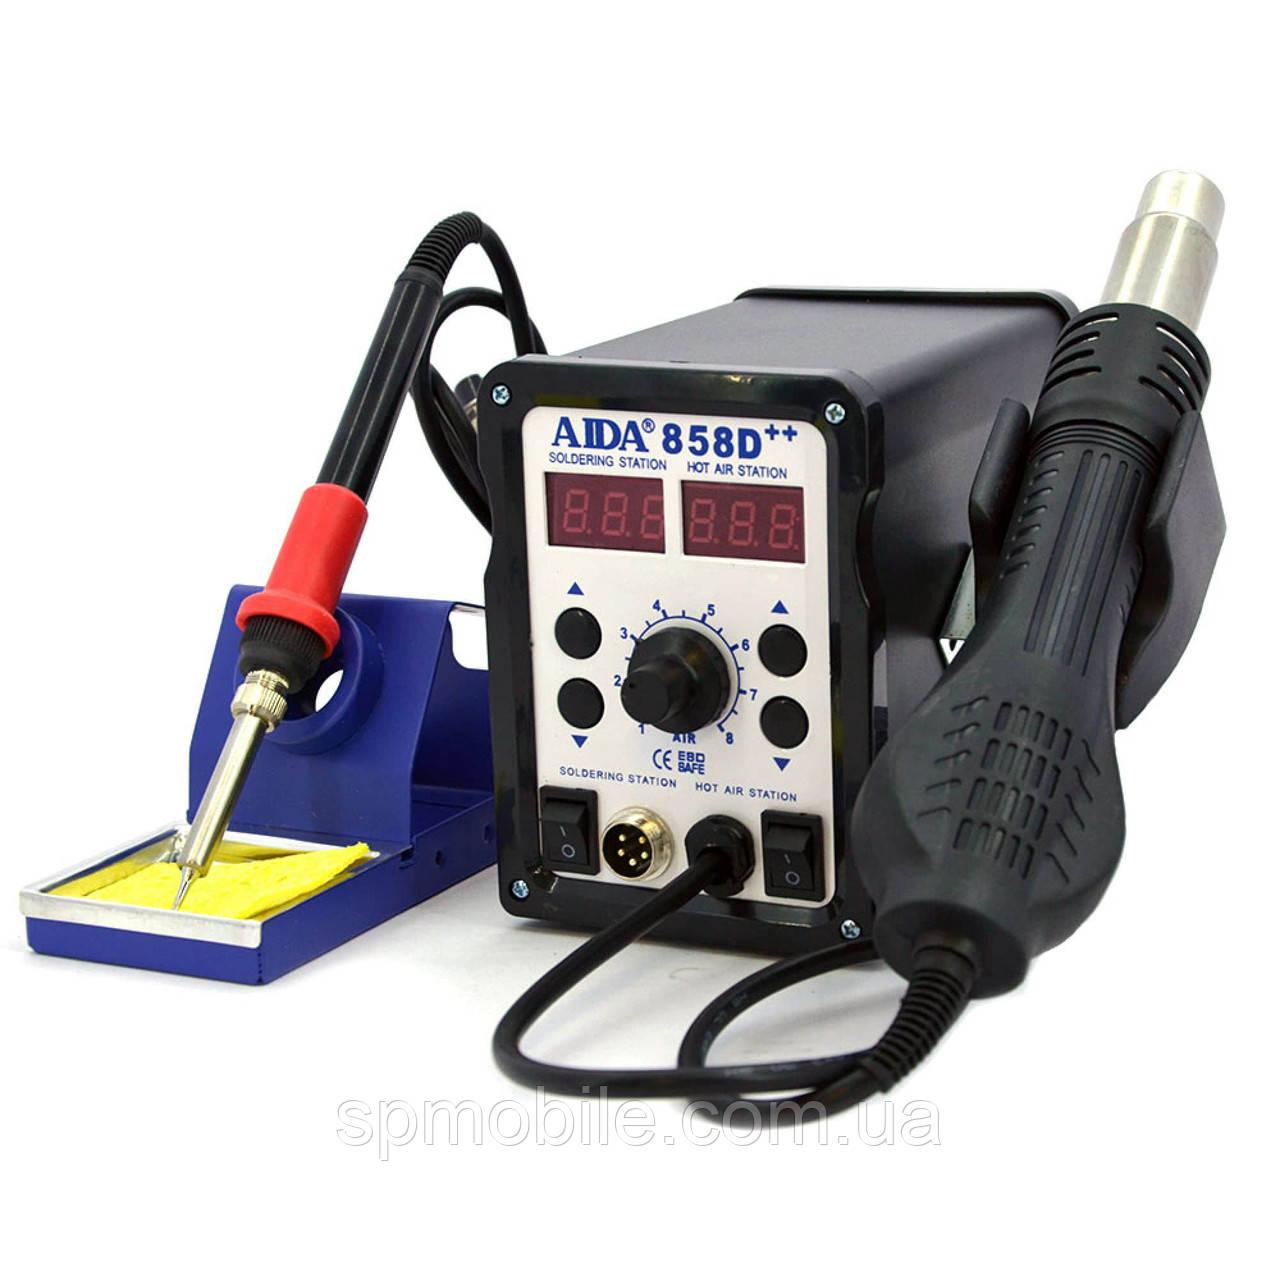 Паяльная станция Aida A-858D++ цифровая индикация,фен,паяльник (нагревательный элемент Hakko)